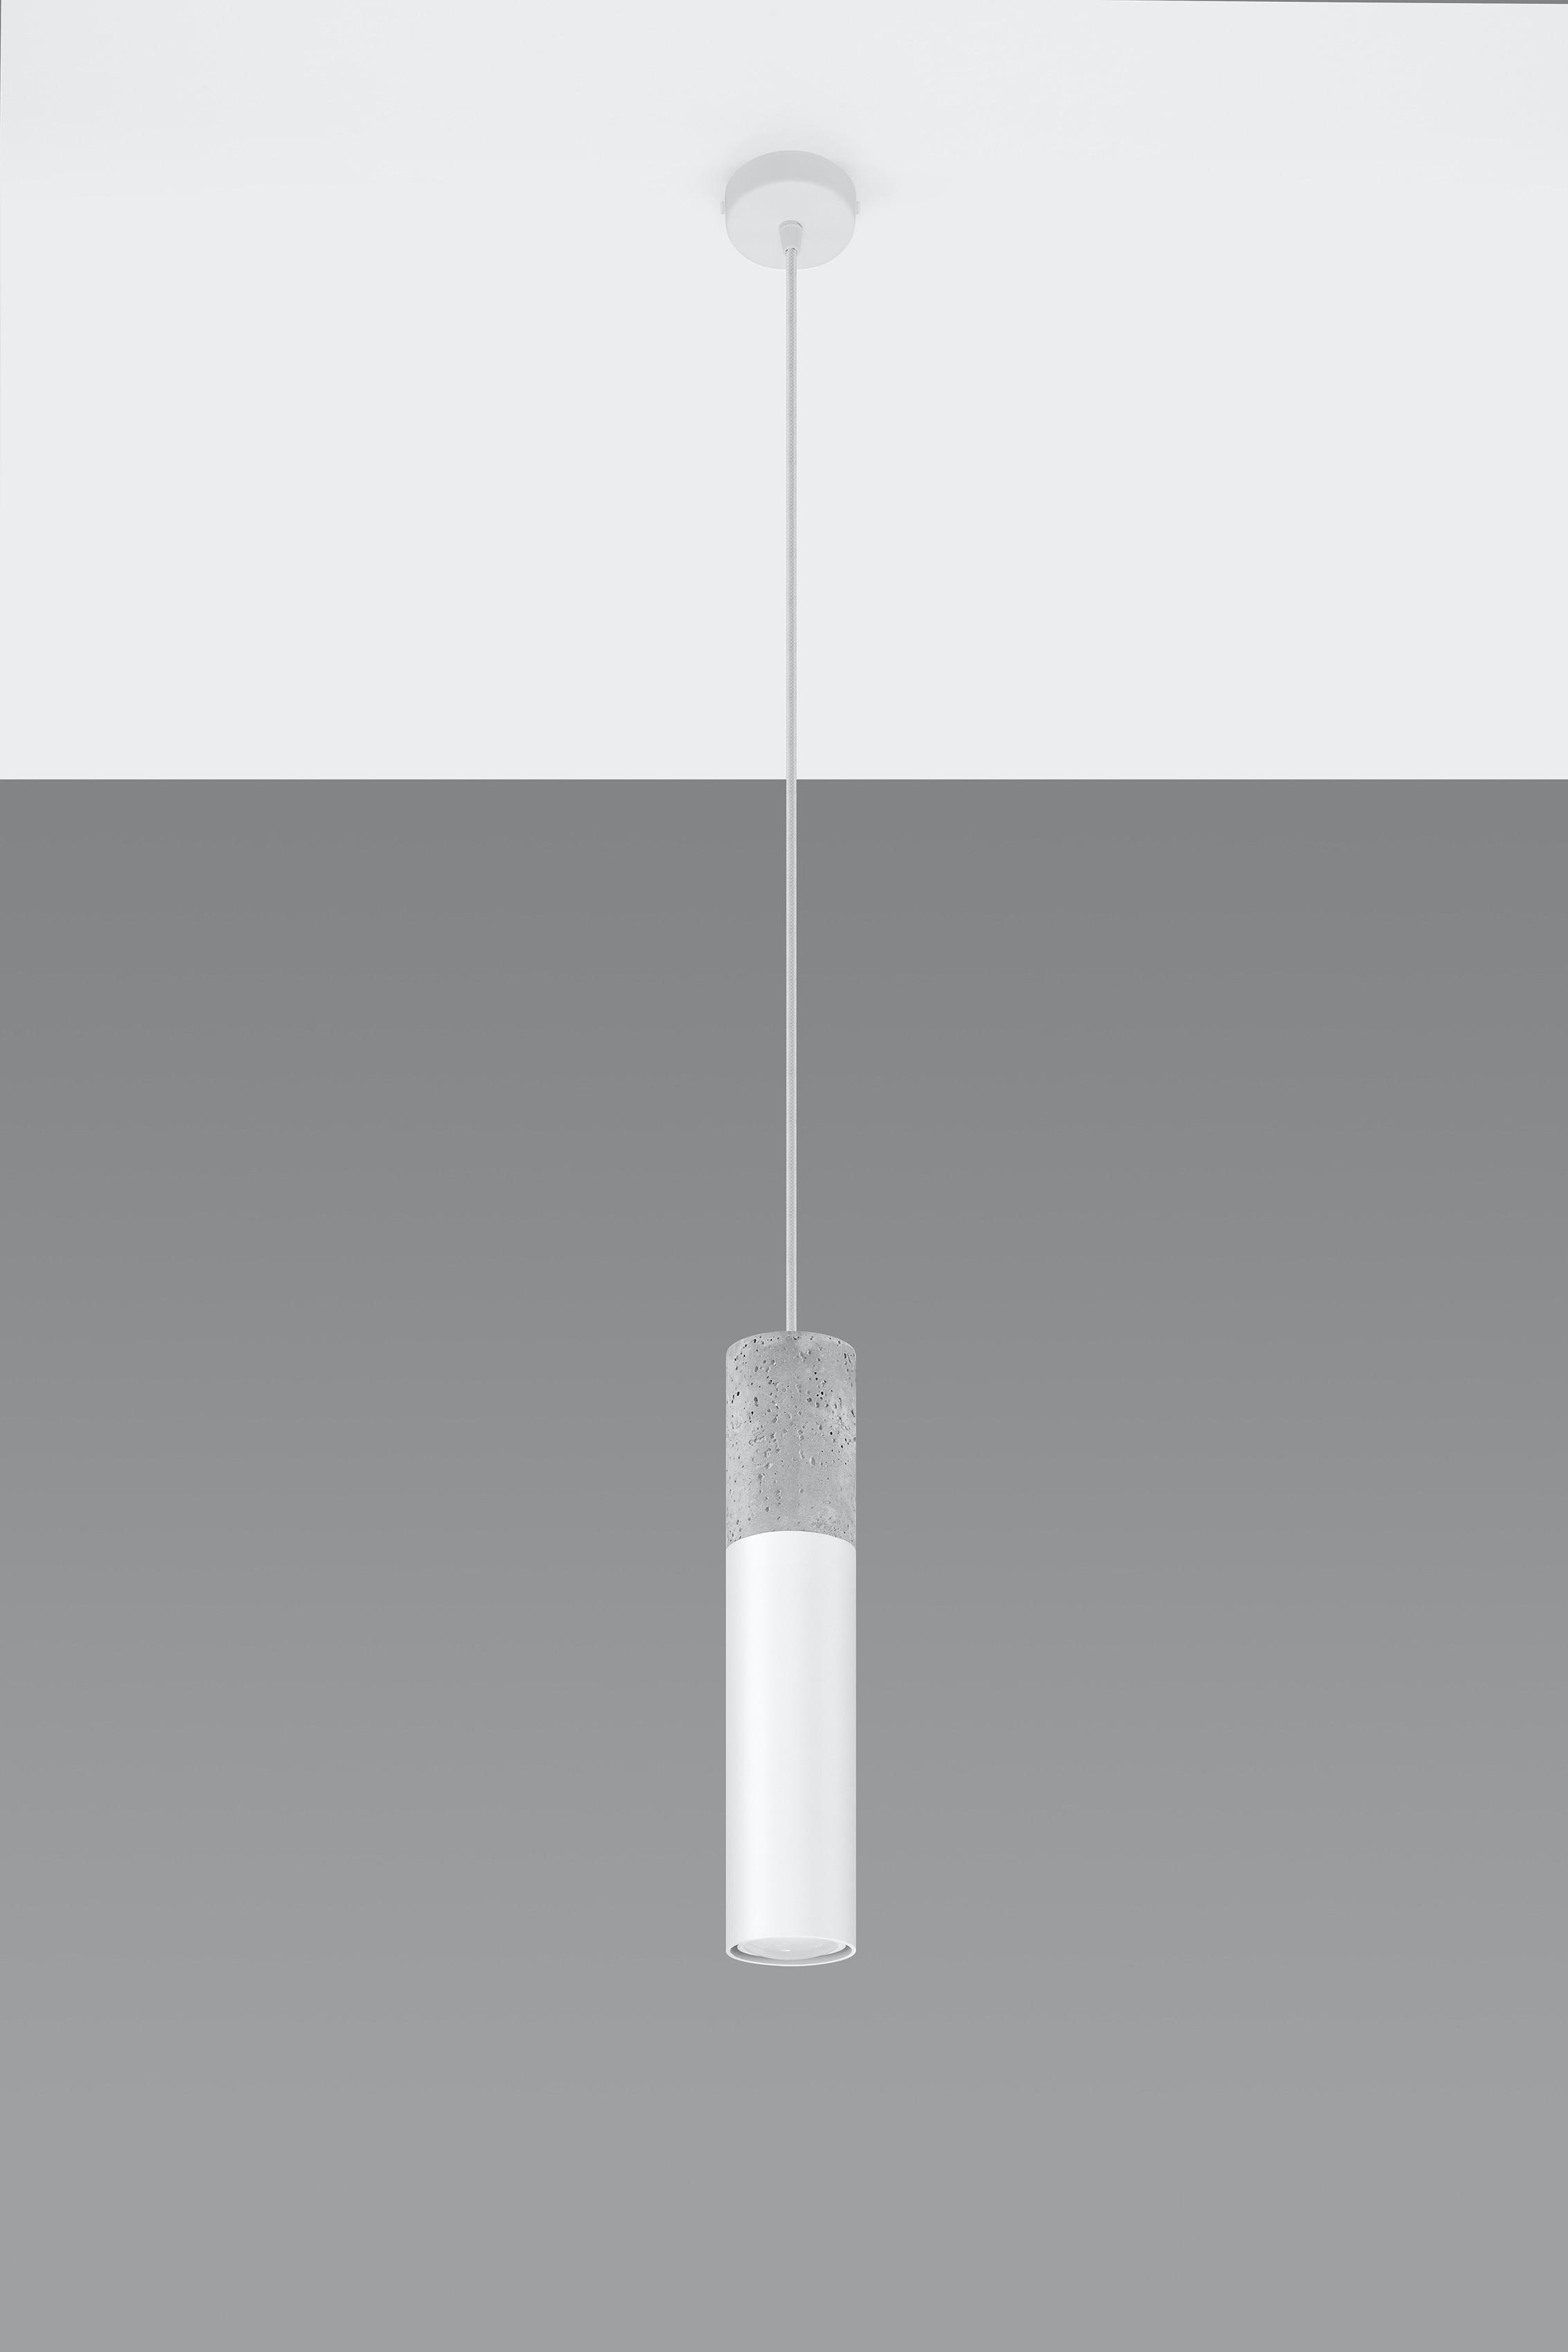 SOLLUX lighting Pendelleuchte Borgio, GU10, 1 St., Hängeleuchte, Hängelampe